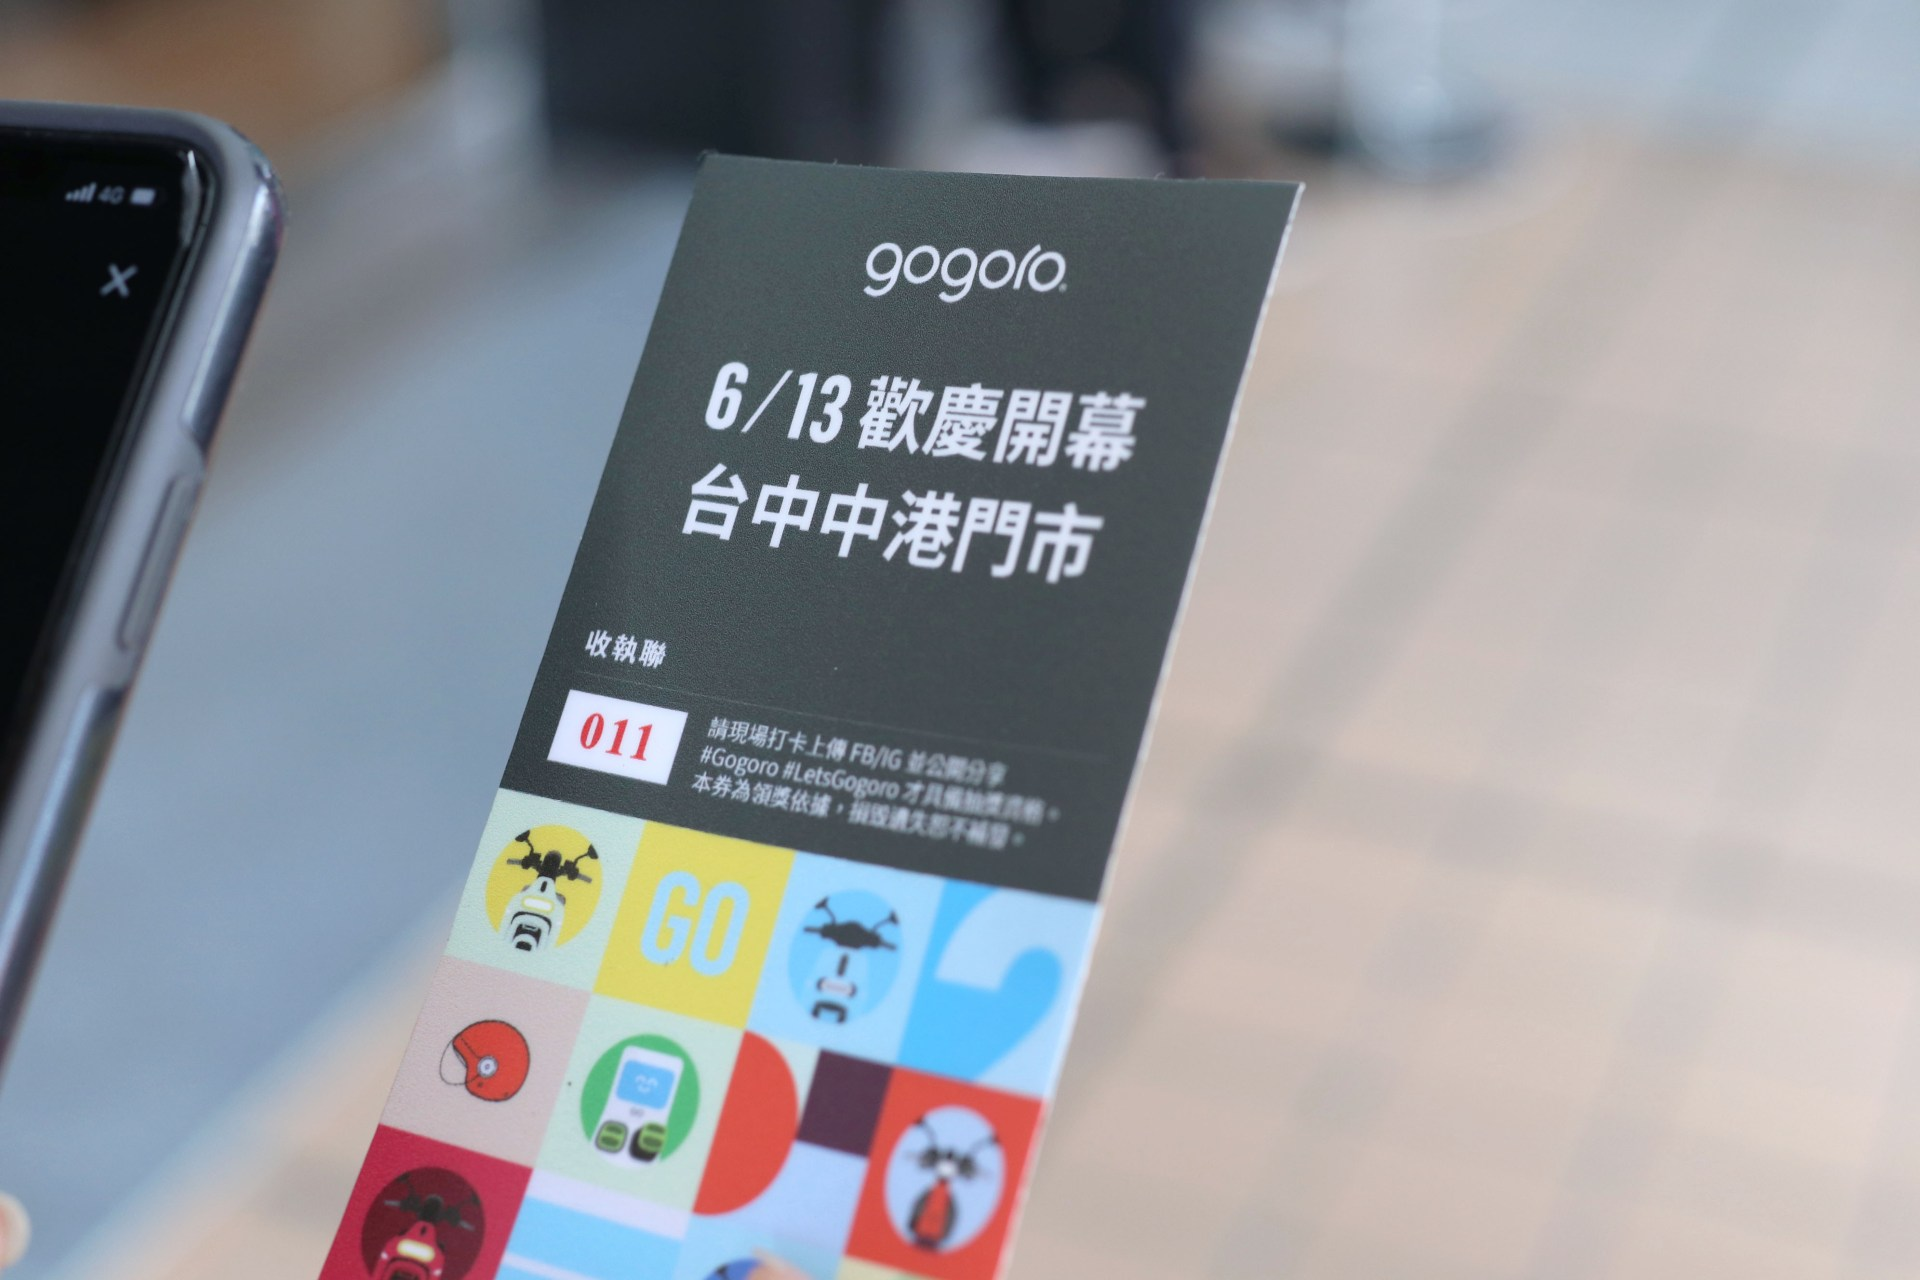 Gogoro 心得評價-台中中港門市開幕活動3